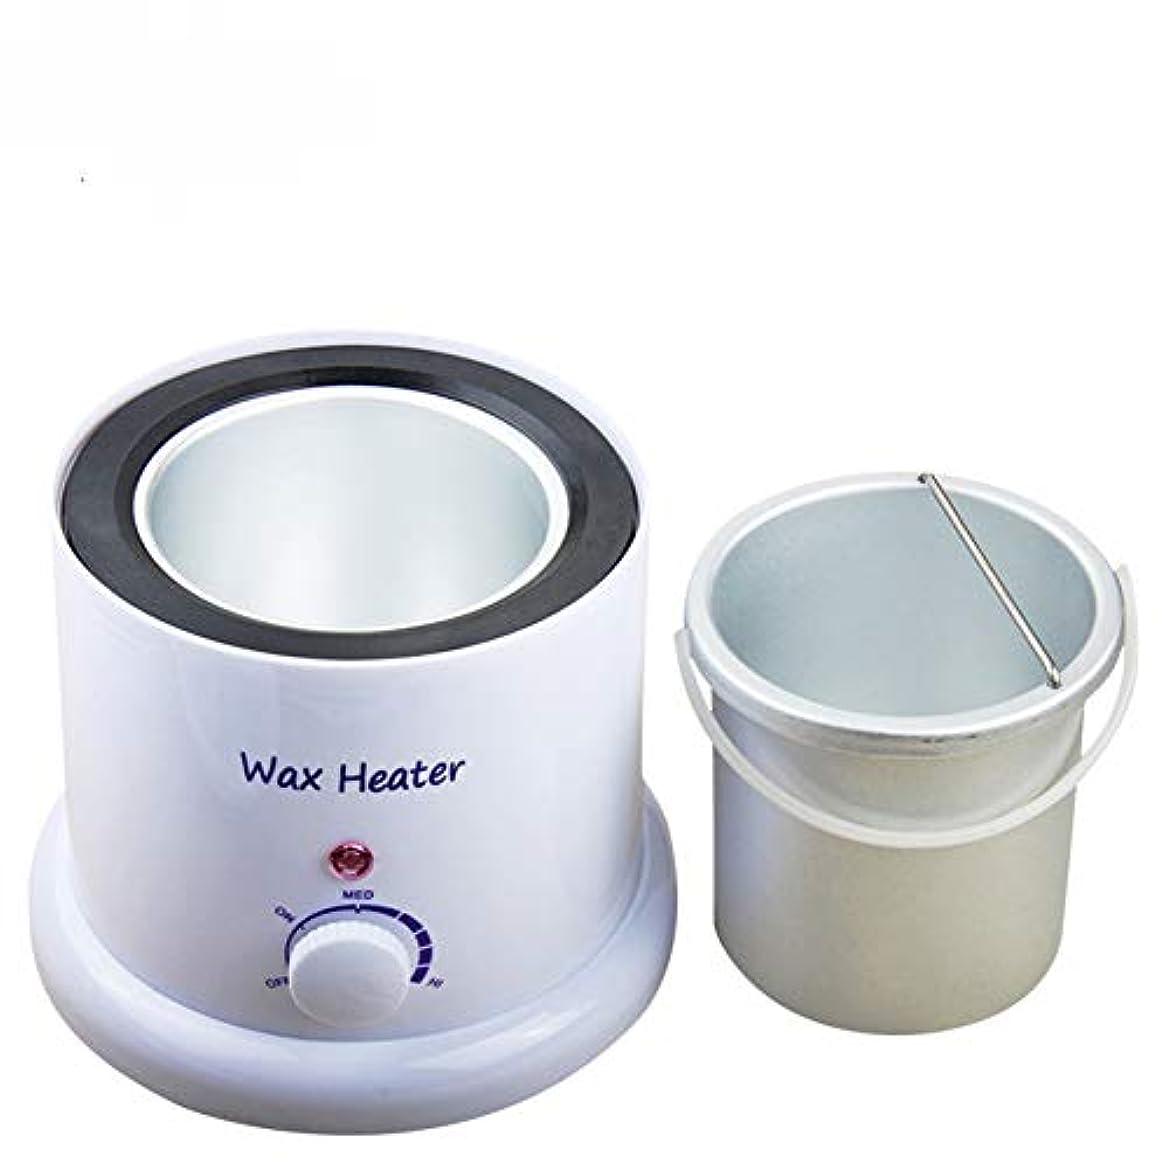 侵略プラカード薄めるワックスウォーマーパラフィンヒーターマシン1000 ML風呂熱療法用フェイスケアハンドケアサロンスパ美容器機